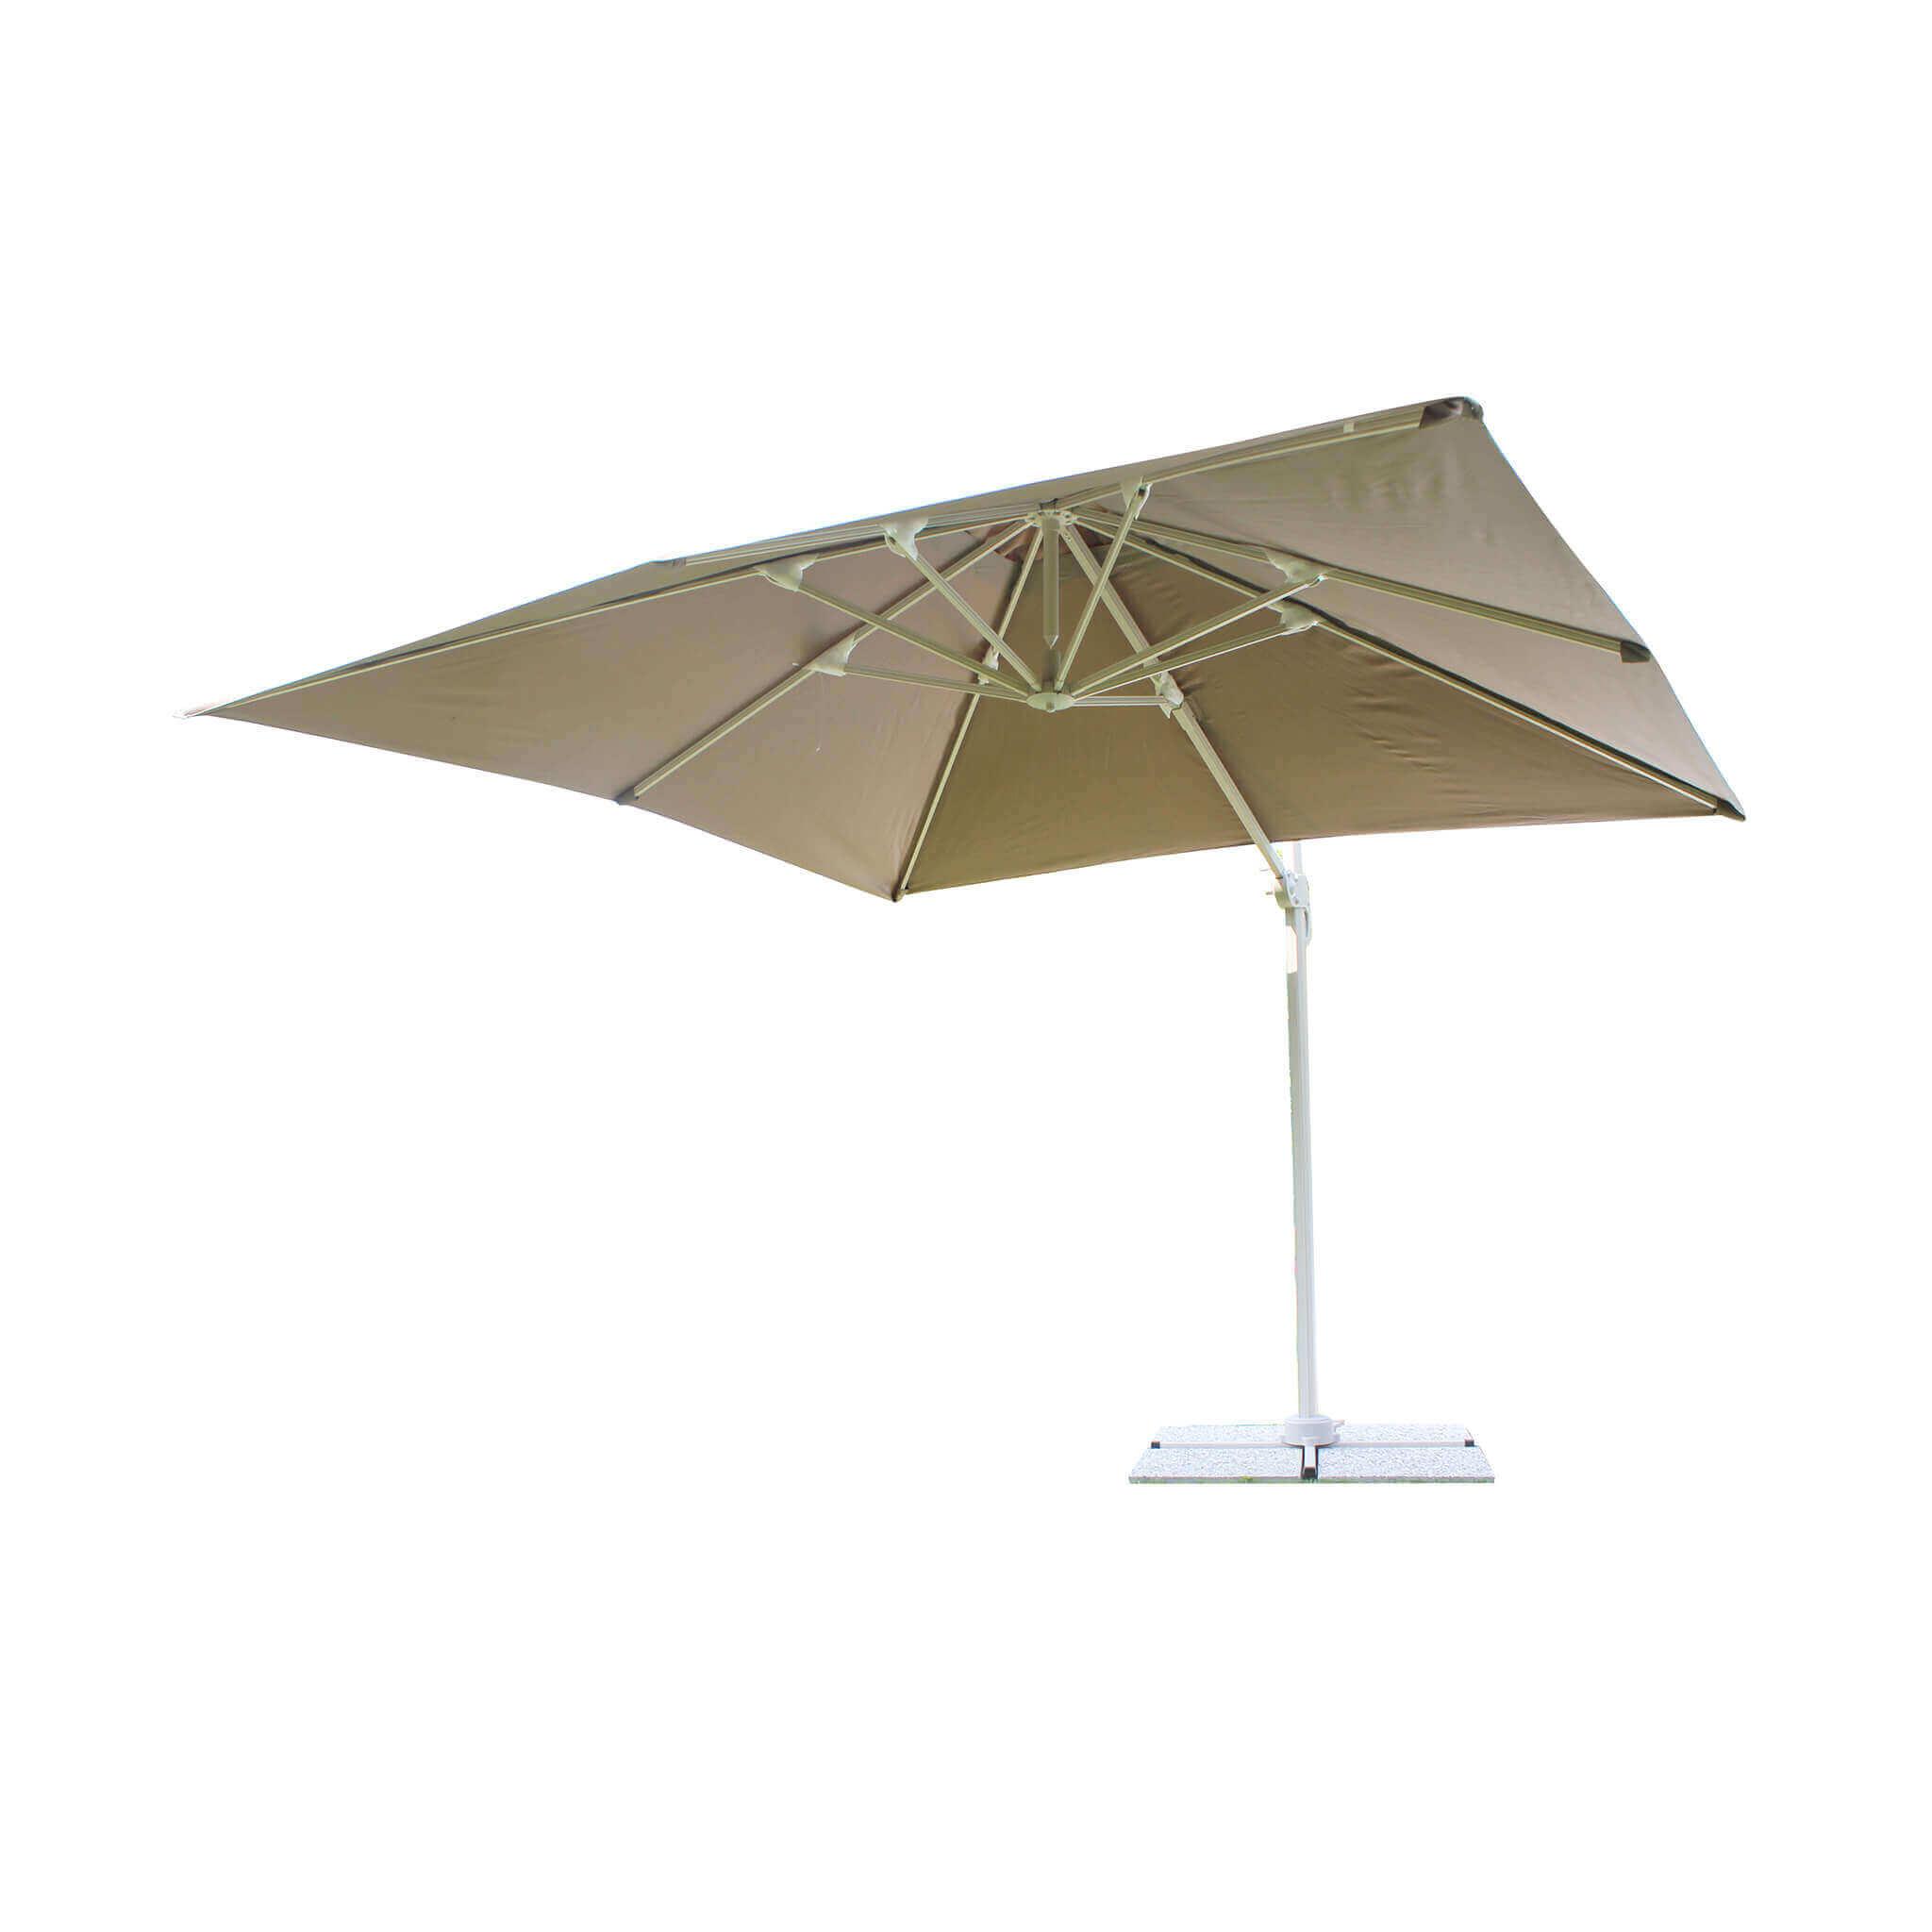 milani home bactrus - ombrellone da giardino decentrato 3x4 in alluminio